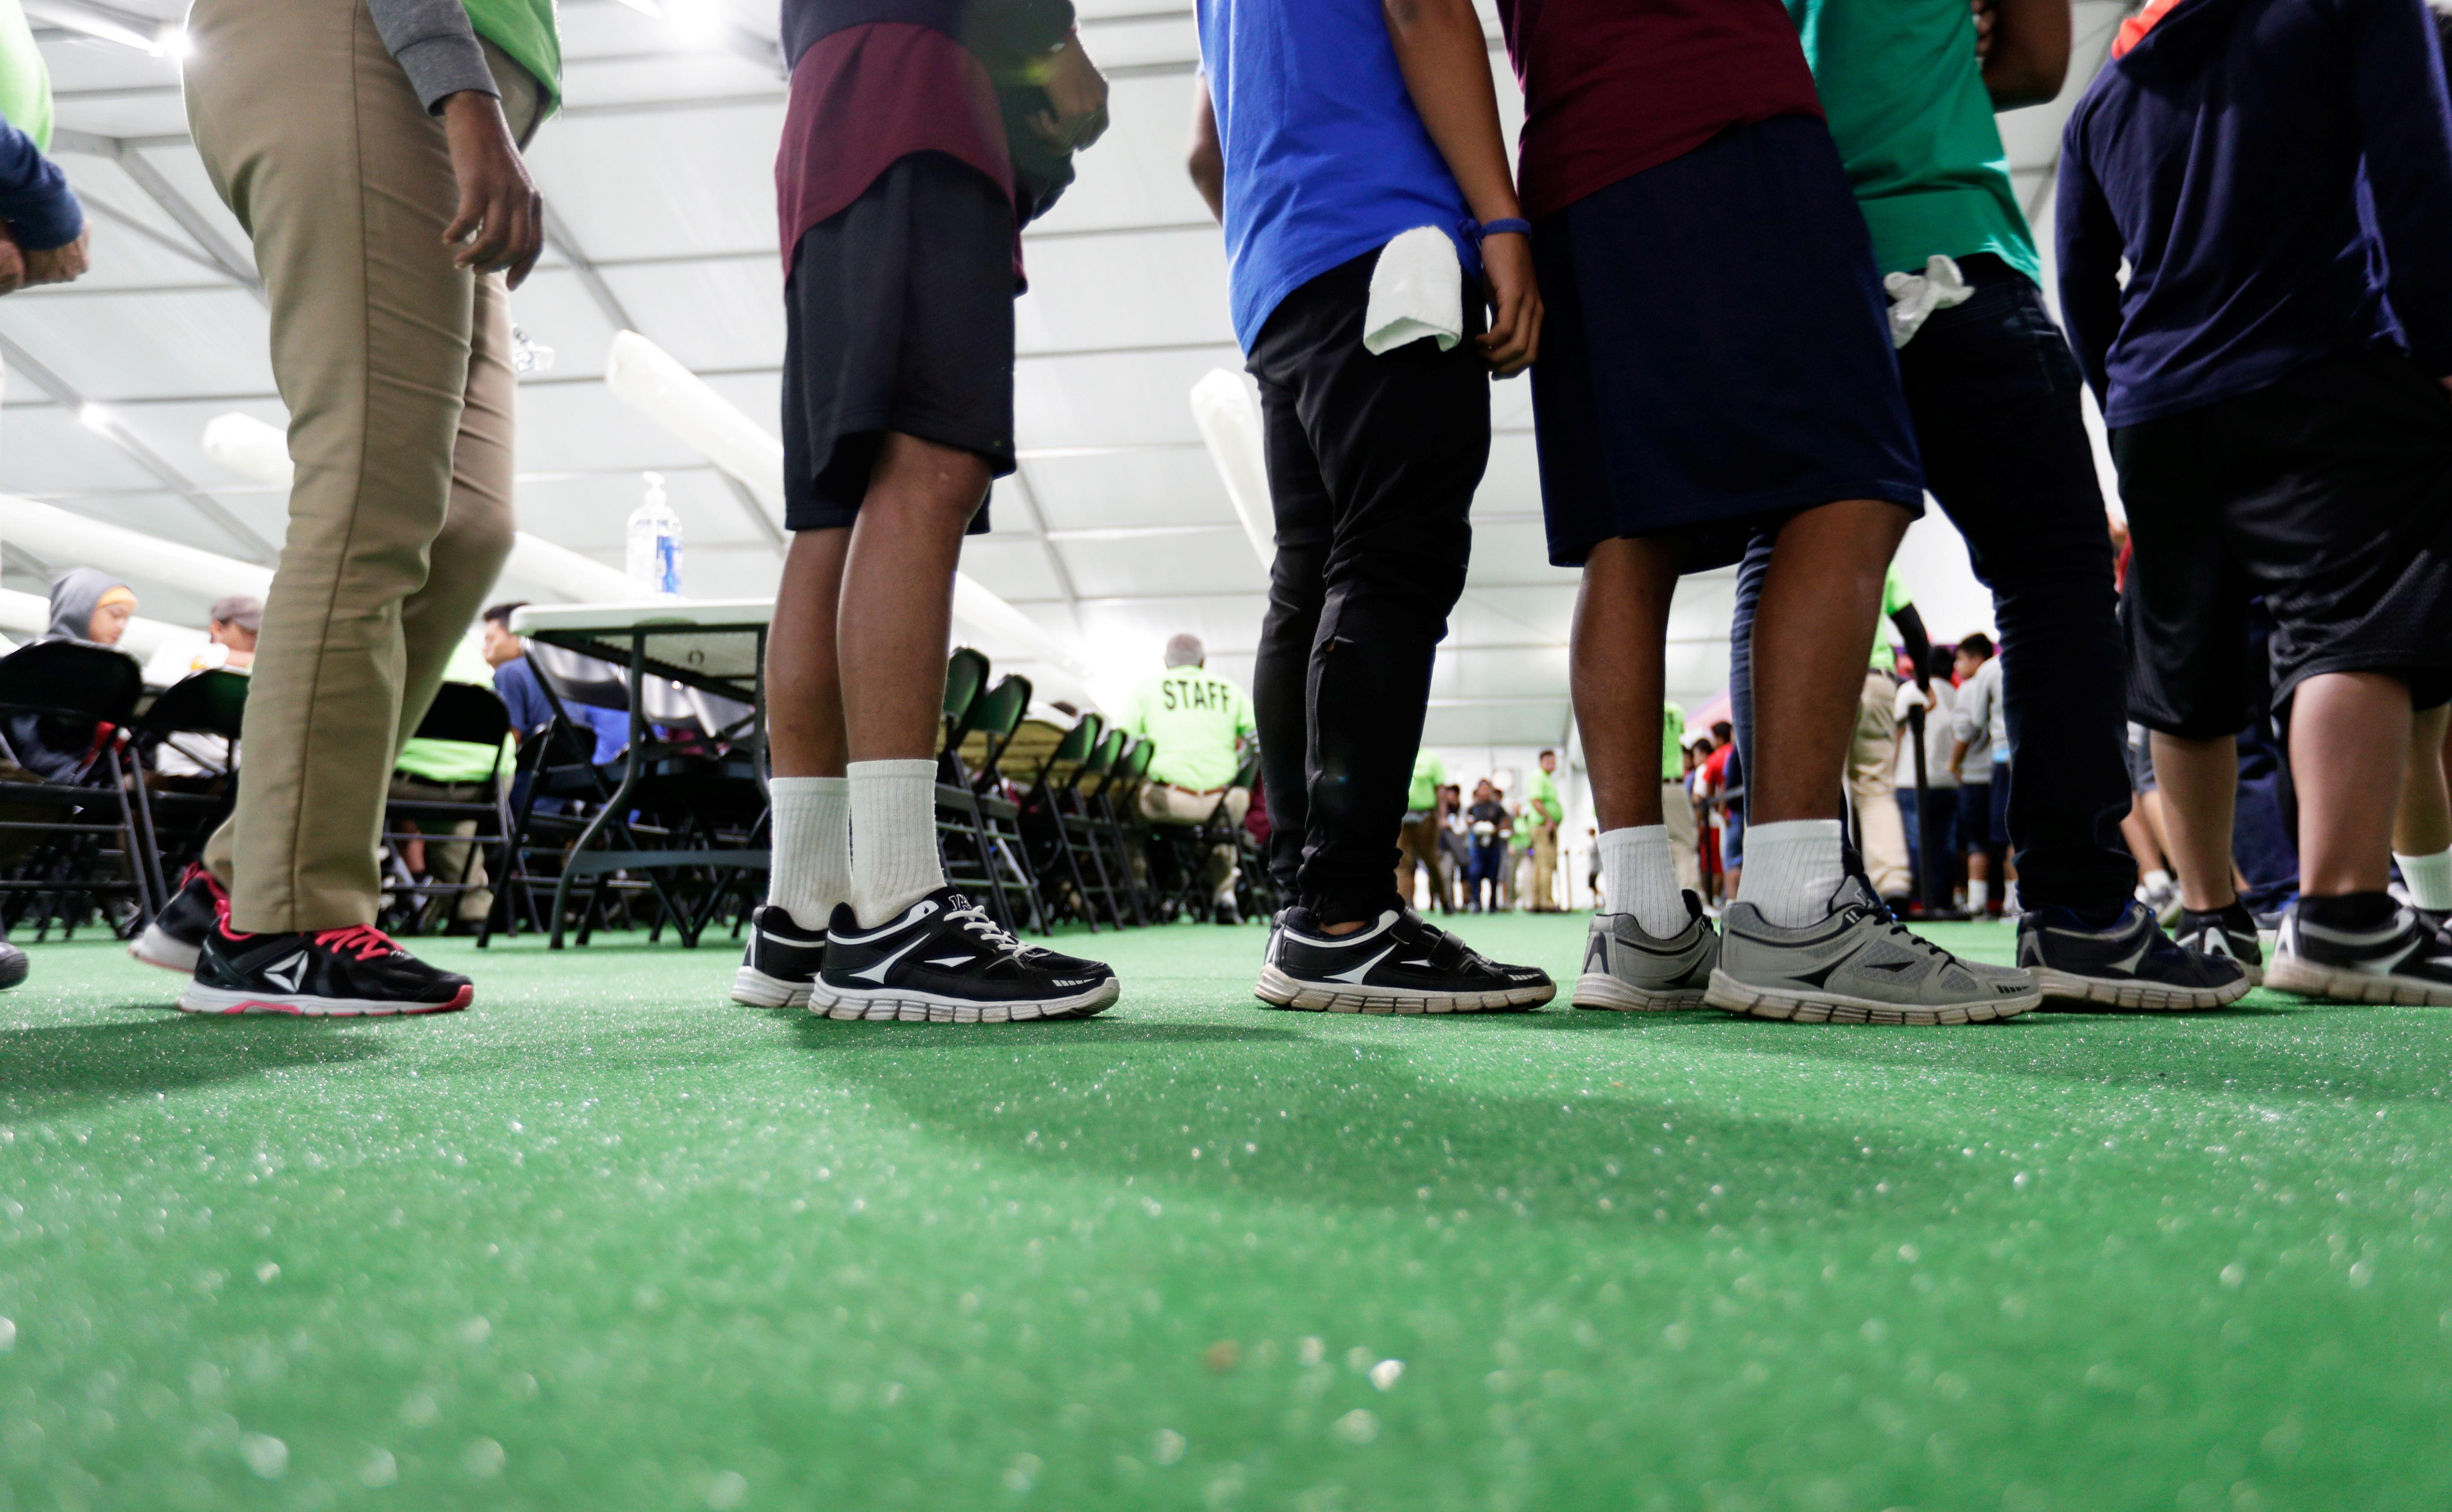 Une agence américaine à la frontière a annoncé la détention de 200 enfants, contre 2 500 en mai